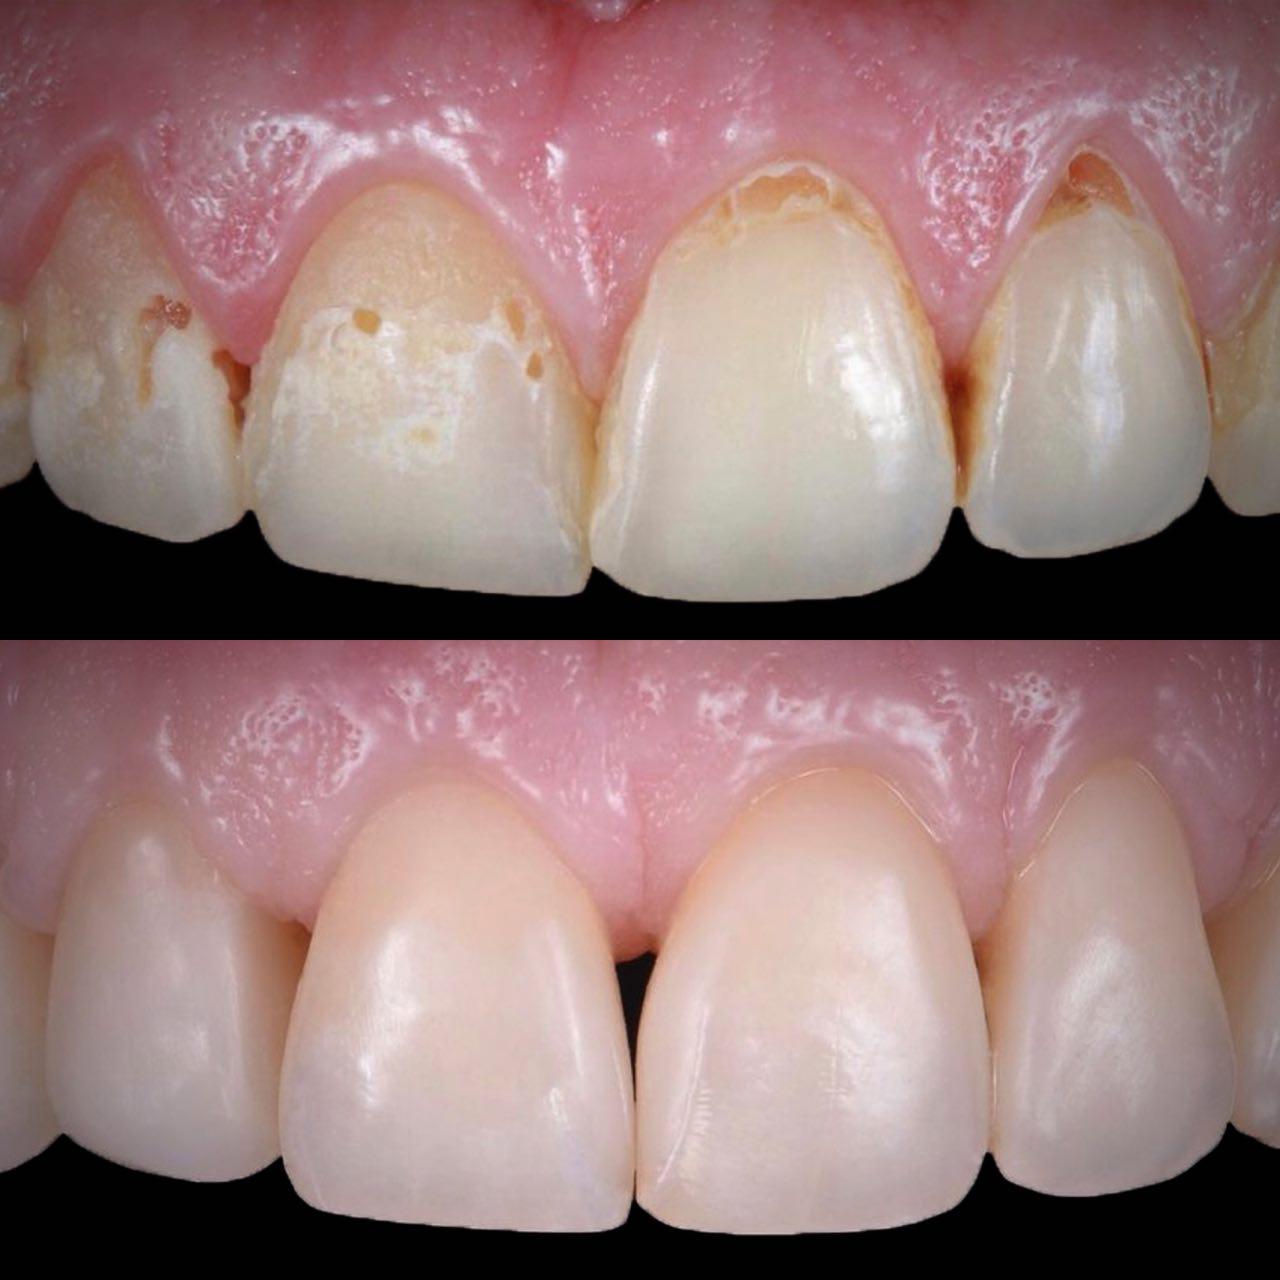 IMG EA28C0AD23FD 4 - Художня реставрація зубів